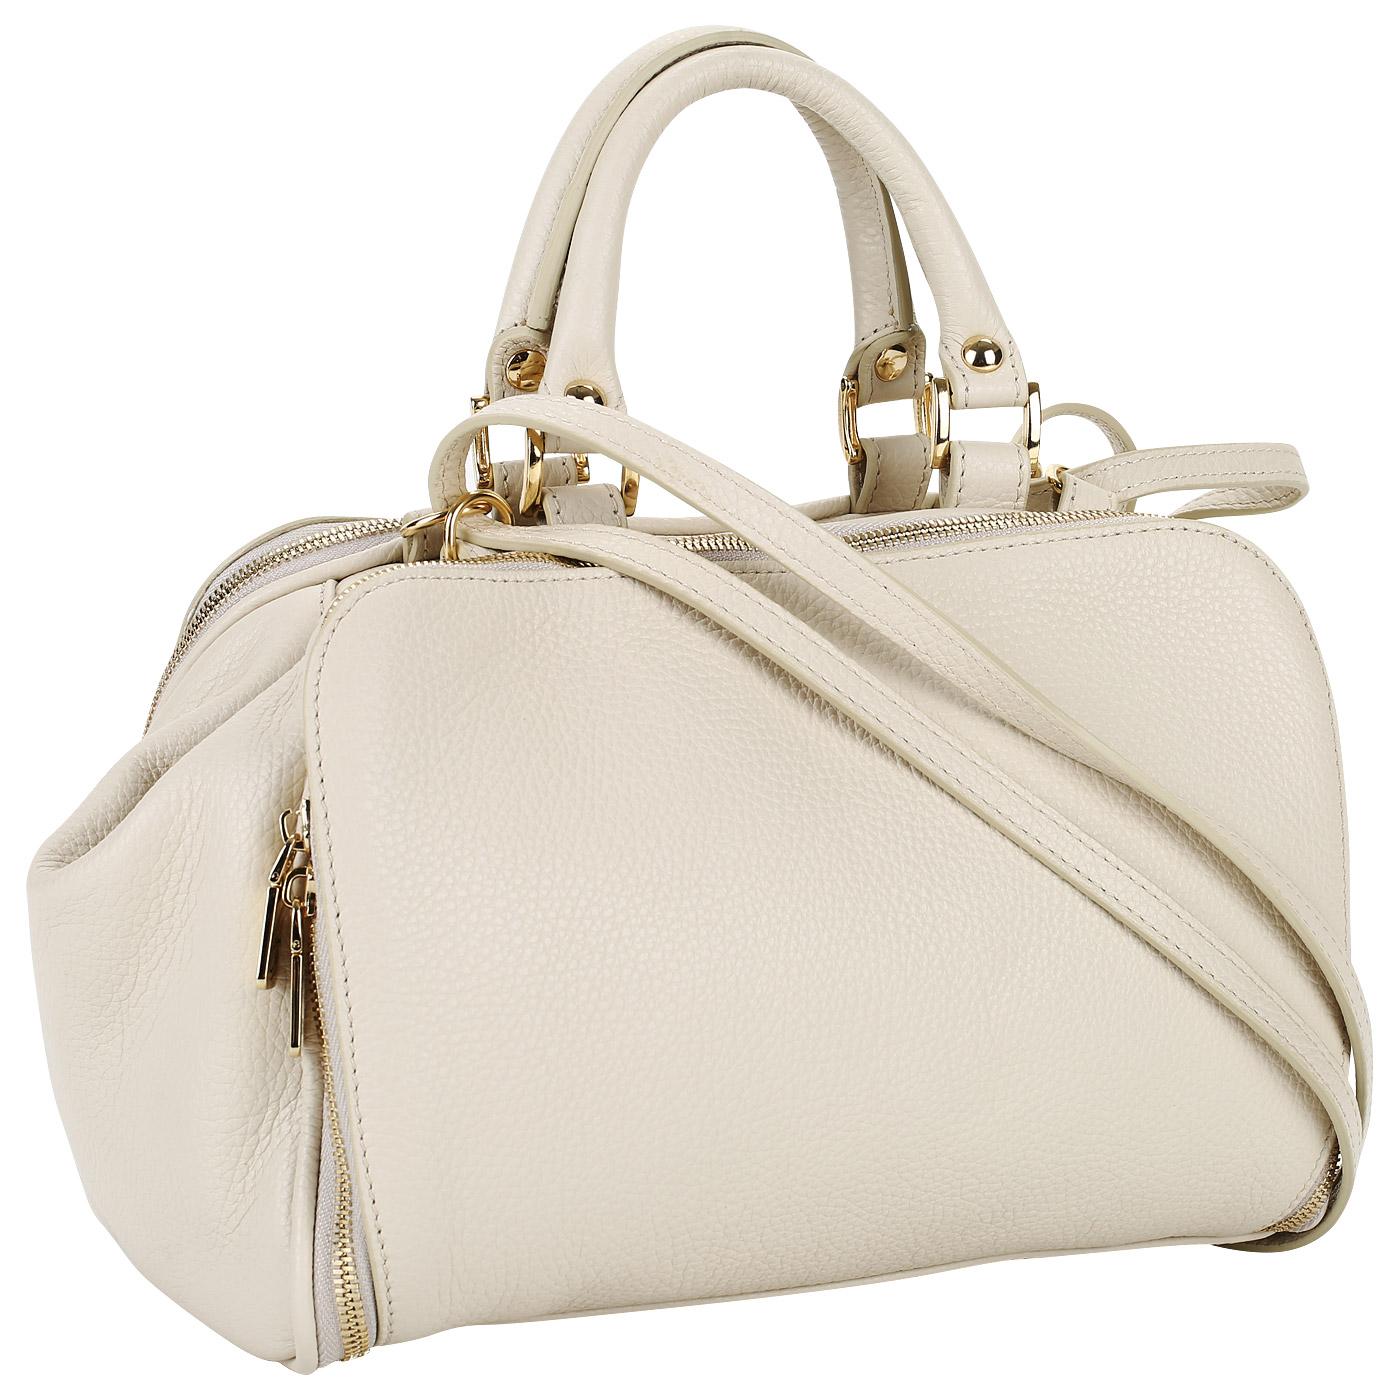 795afadac72b Женские сумки Gilda Tonelli - каталог цен, где купить в интернет ...